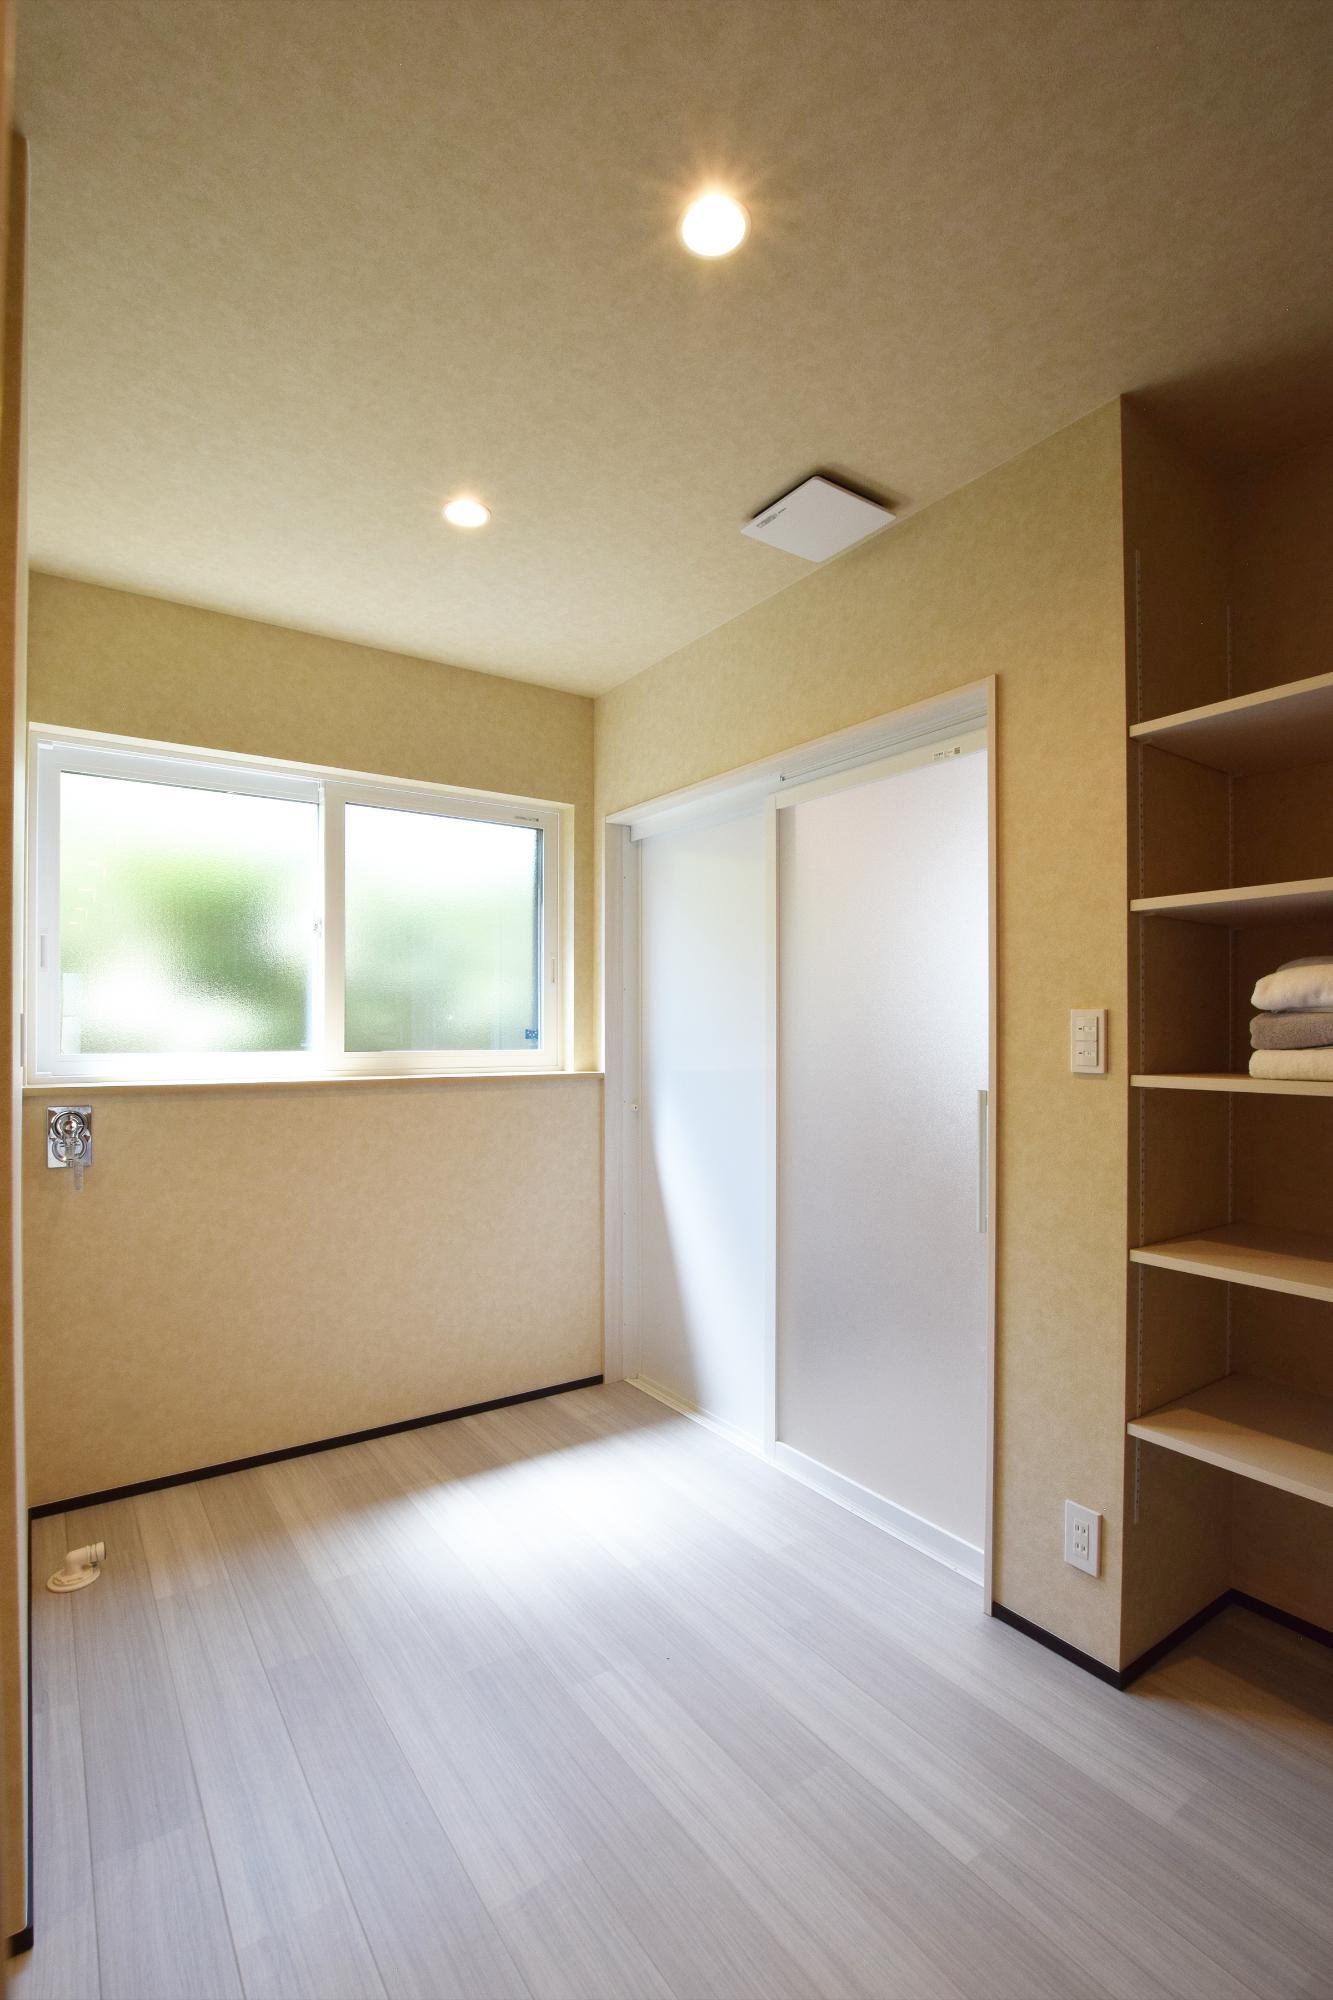 DETAIL HOME(ディテールホーム)「二世帯で住まう和モダン平屋住宅」のモダン・和風・和モダンなundefinedの実例写真